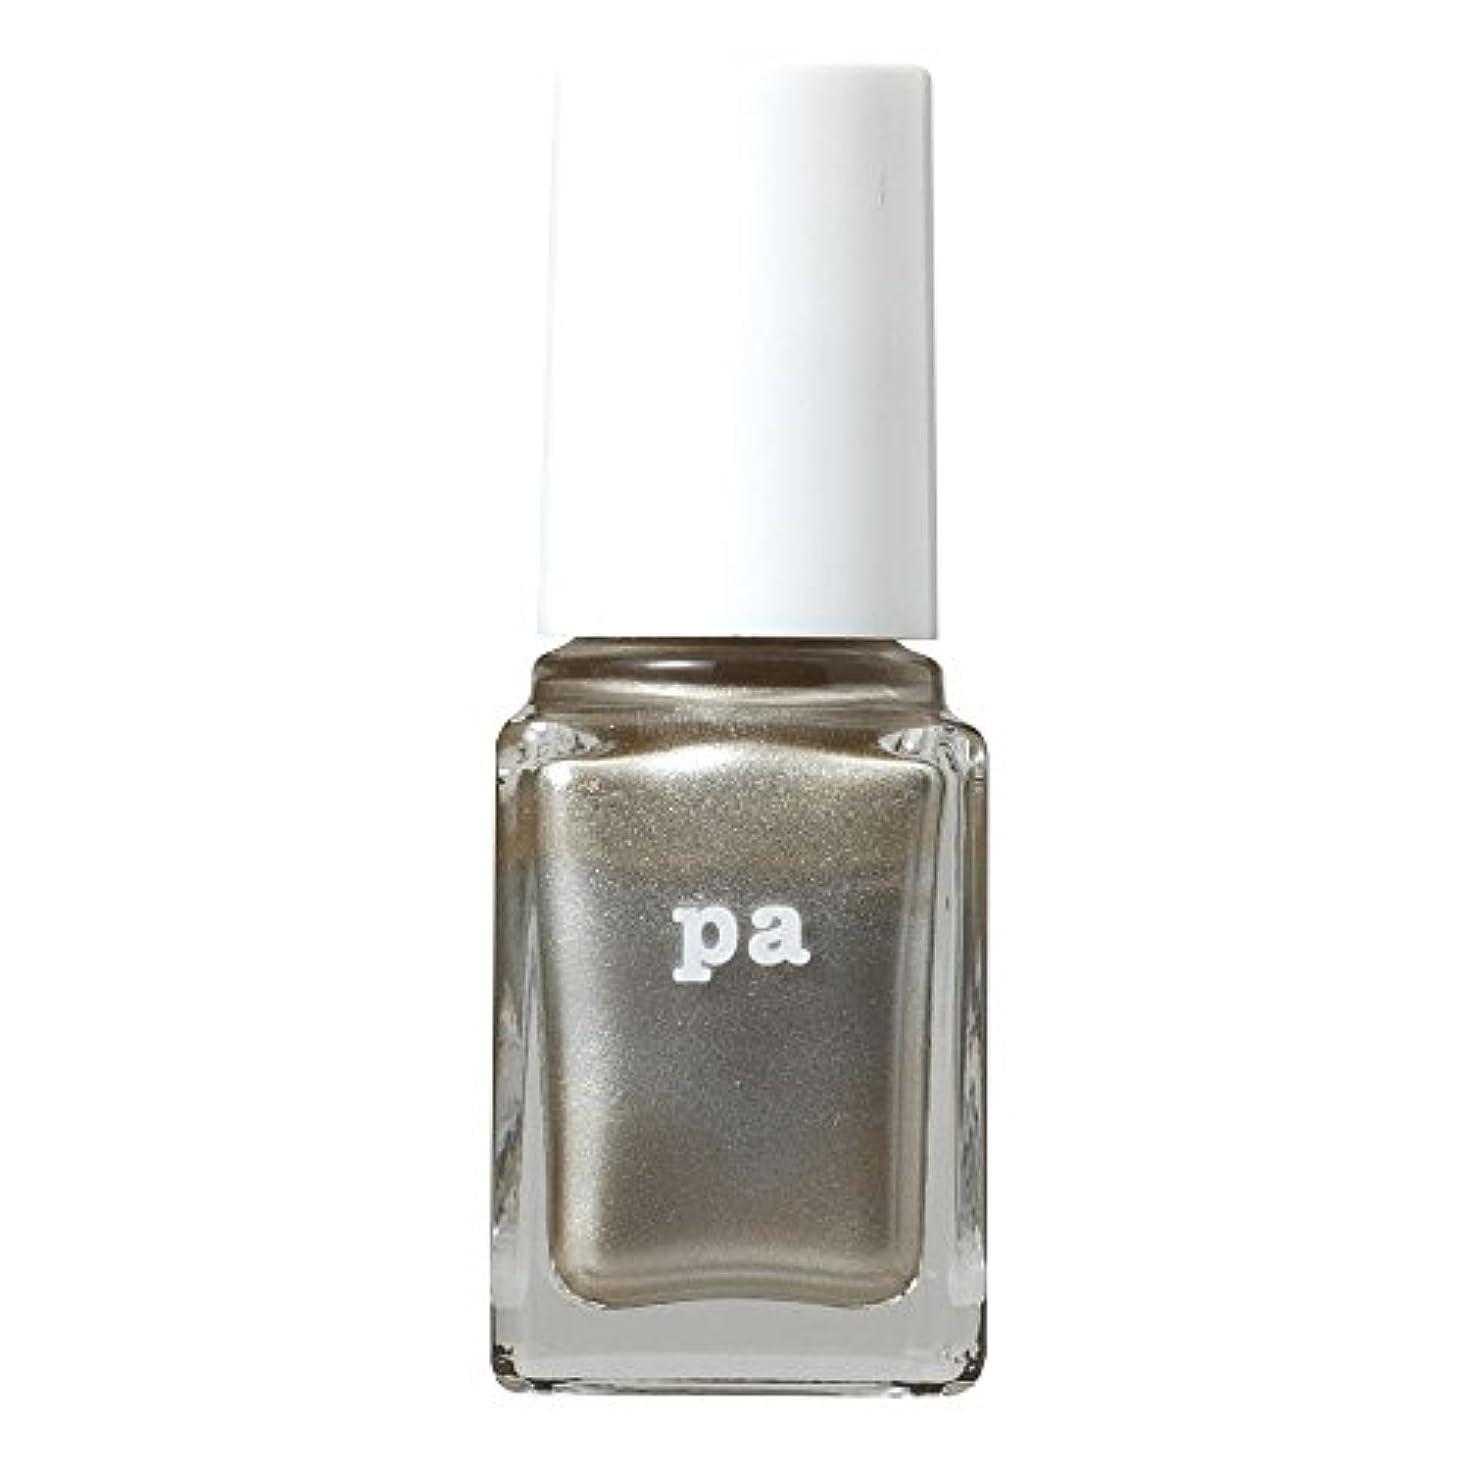 pa ネイルカラープレミア AA167 (6mL)